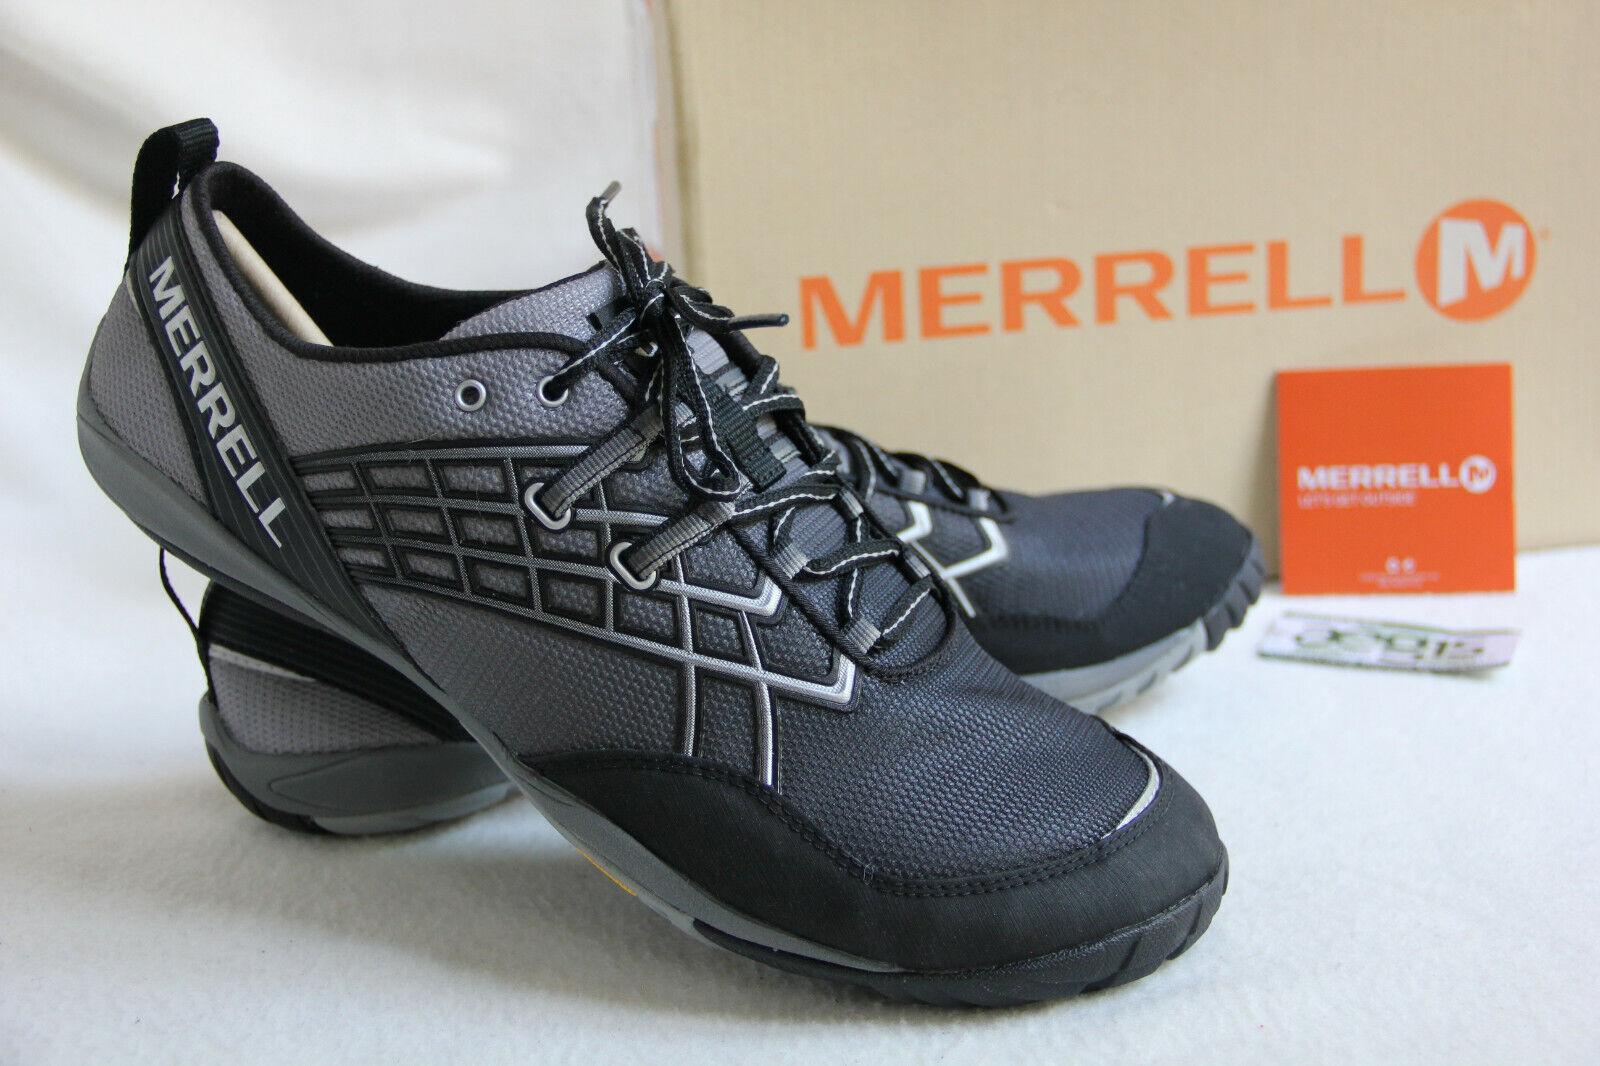 Merell Trail Glove, Trail Laufschuhe, Barfuß Schuhe, Barefoot, Gr. 46